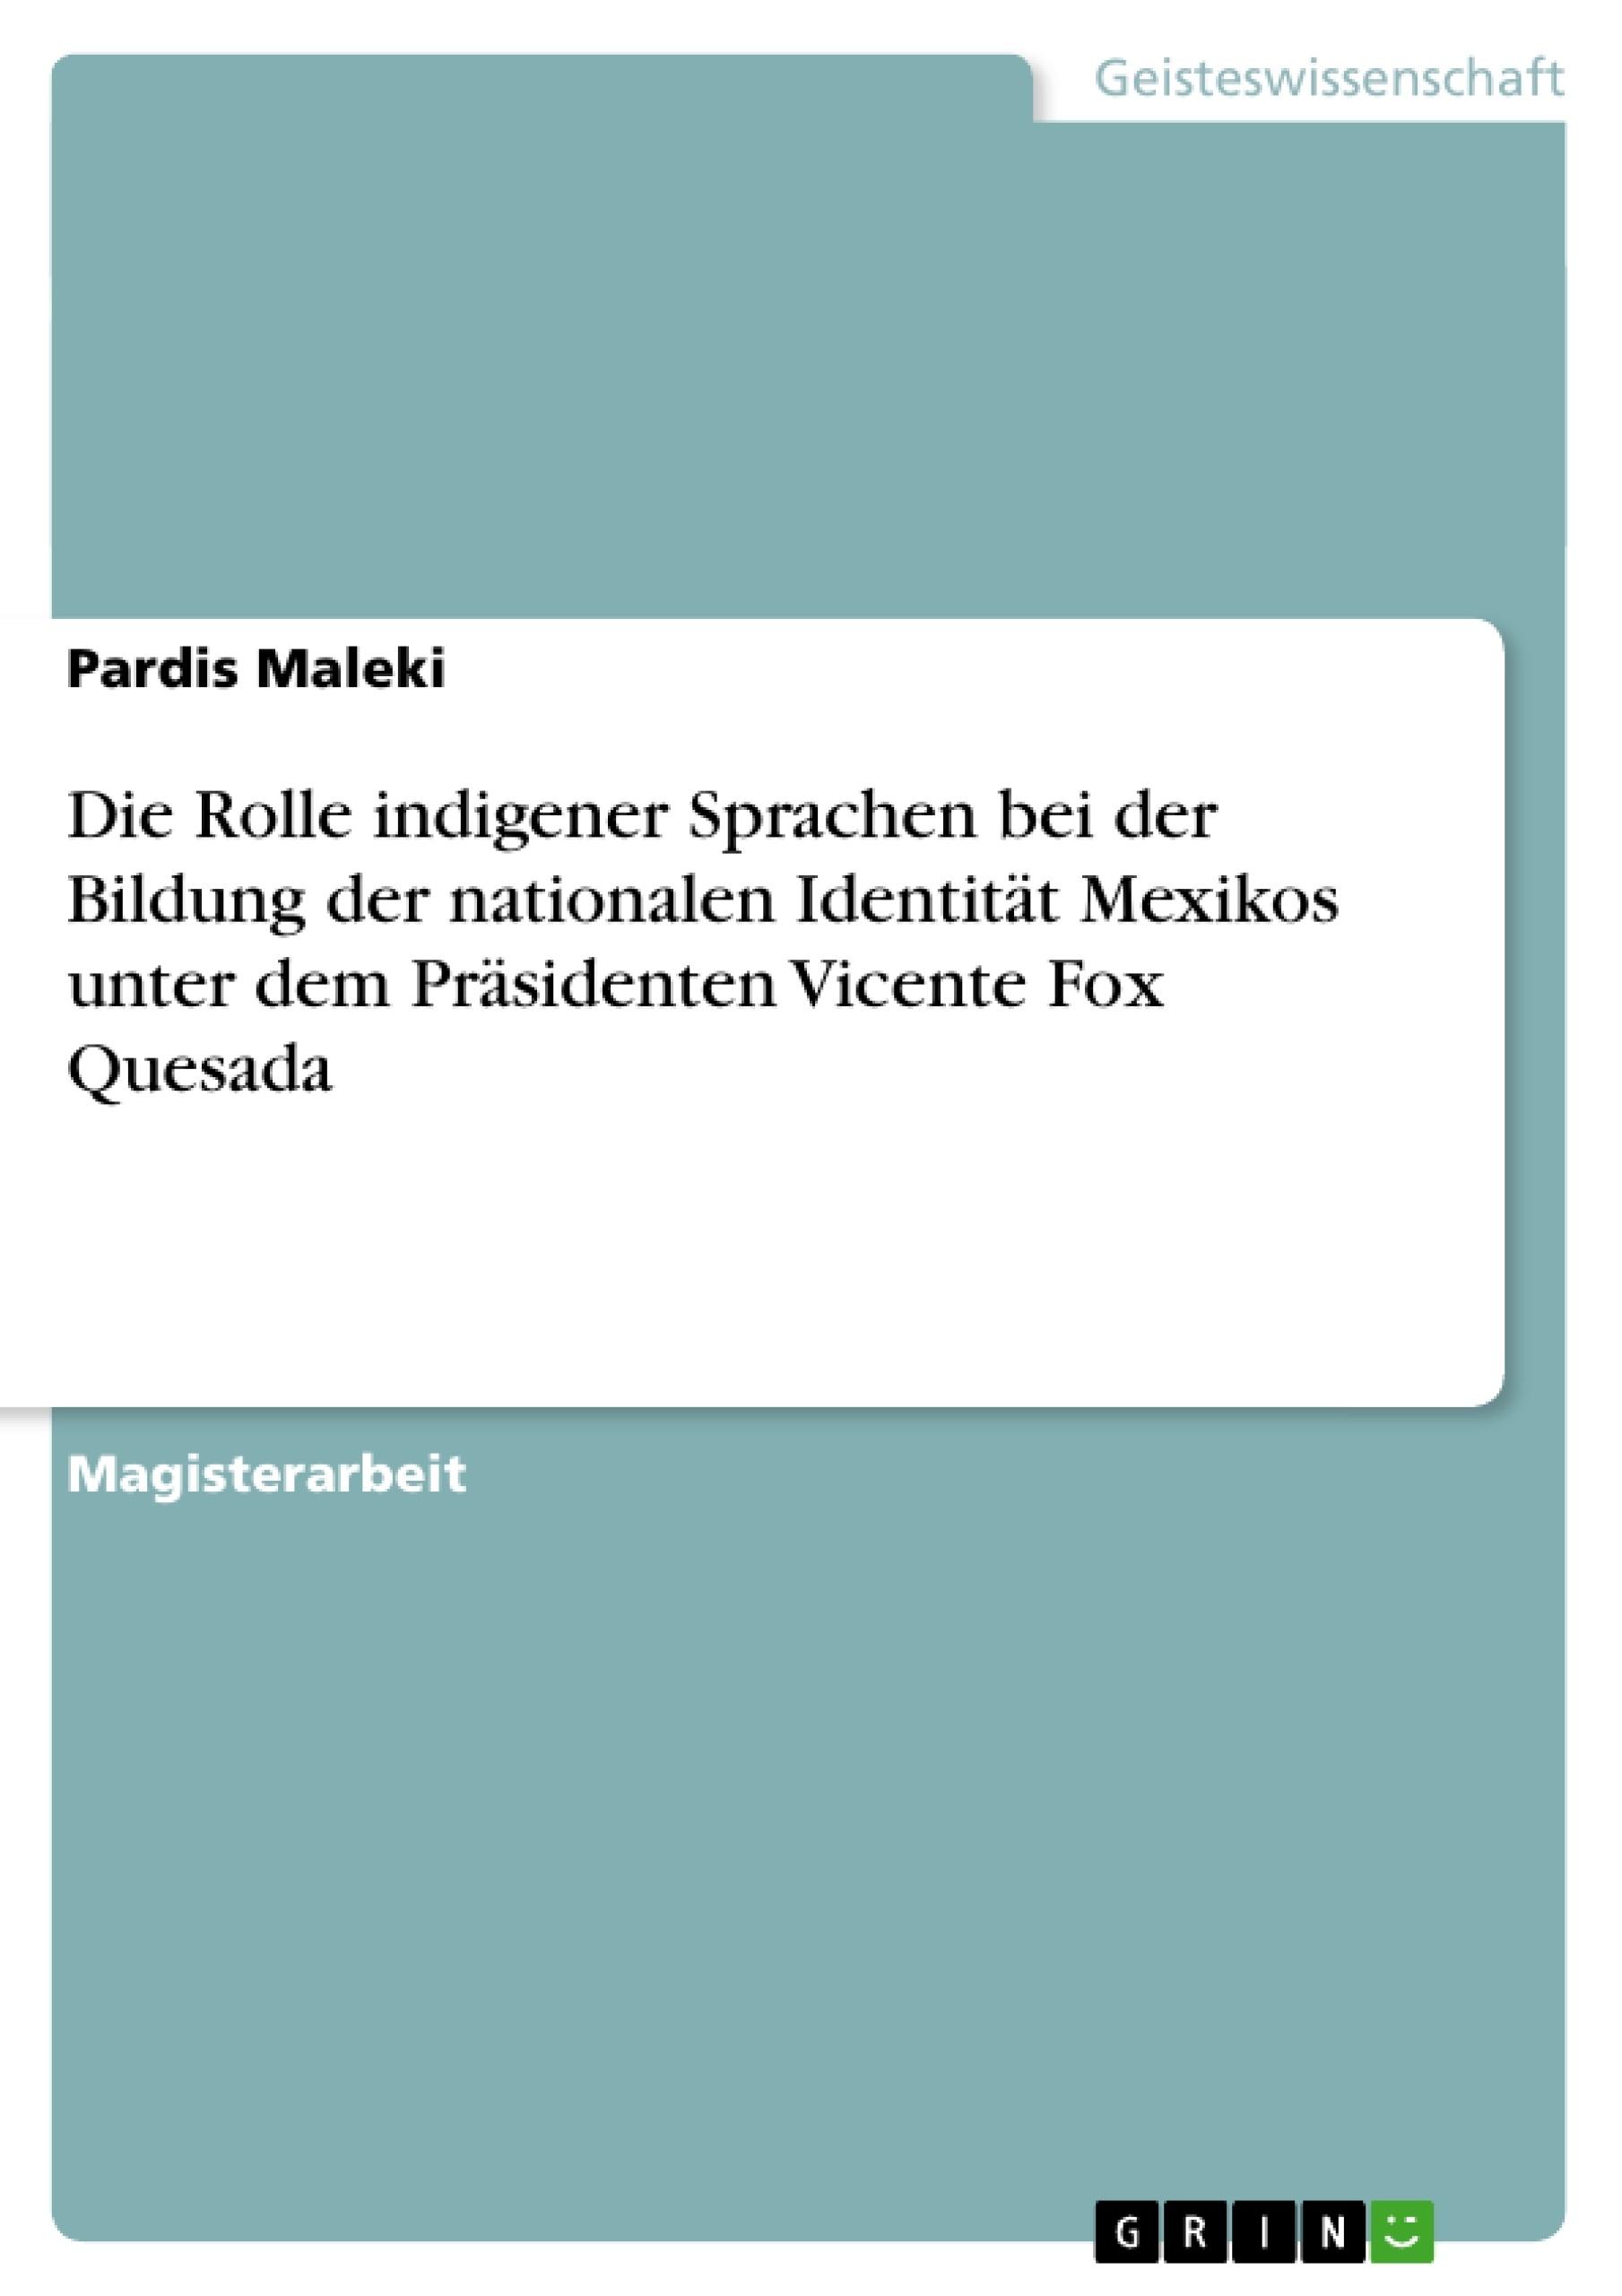 Titel: Die Rolle indigener Sprachen bei der Bildung der nationalen Identität Mexikos unter dem Präsidenten Vicente Fox Quesada